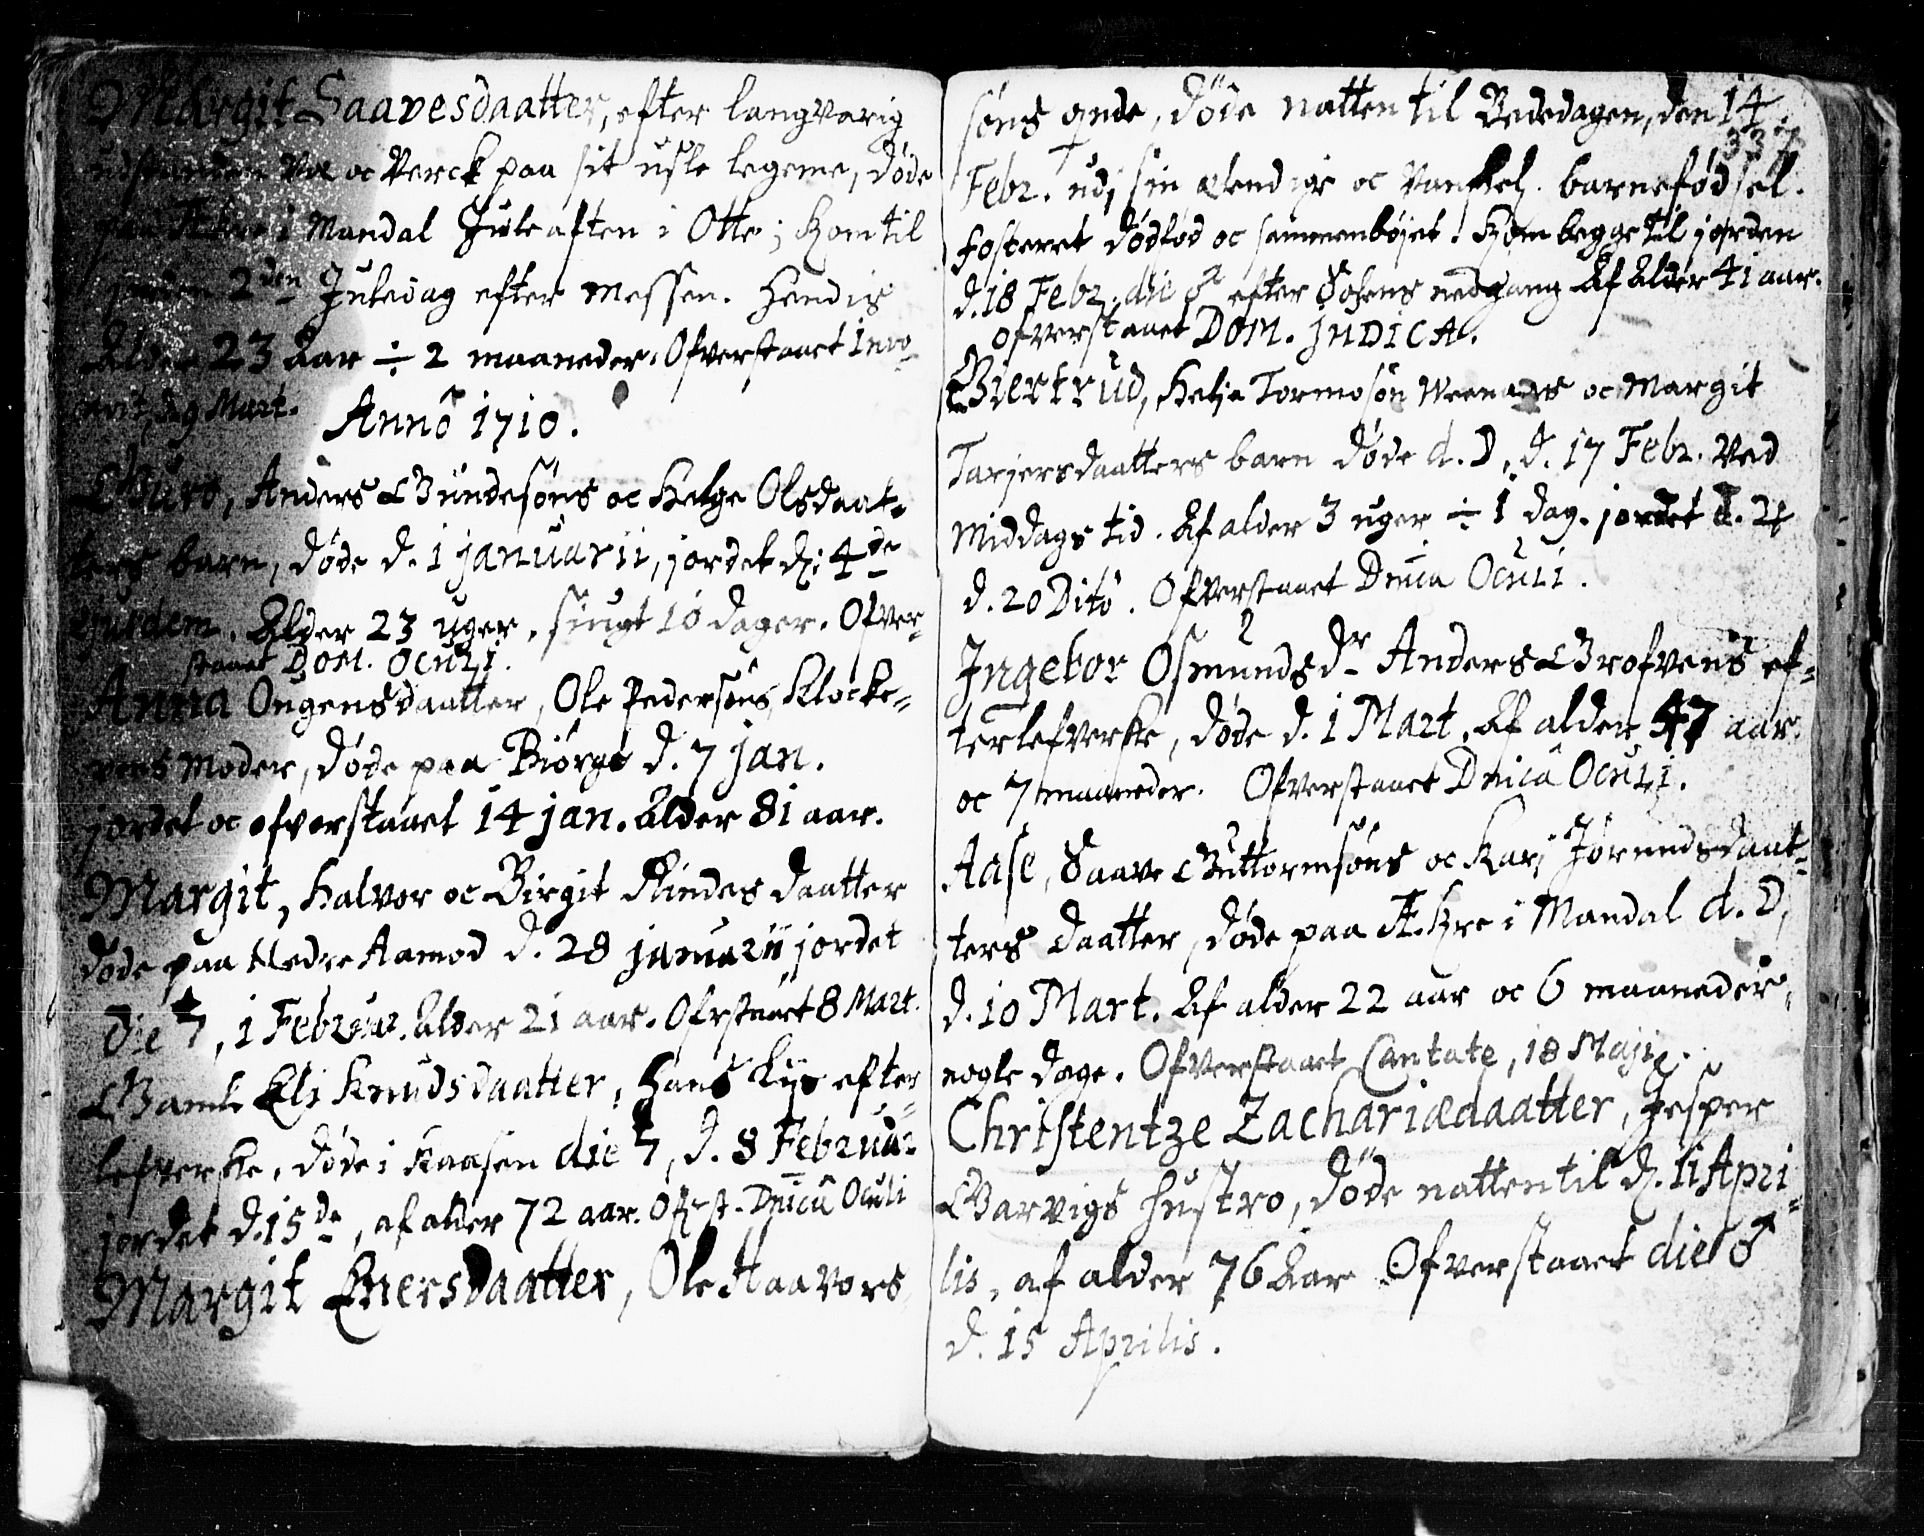 SAKO, Seljord kirkebøker, F/Fa/L0002: Ministerialbok nr. I 2, 1689-1713, s. 336-337